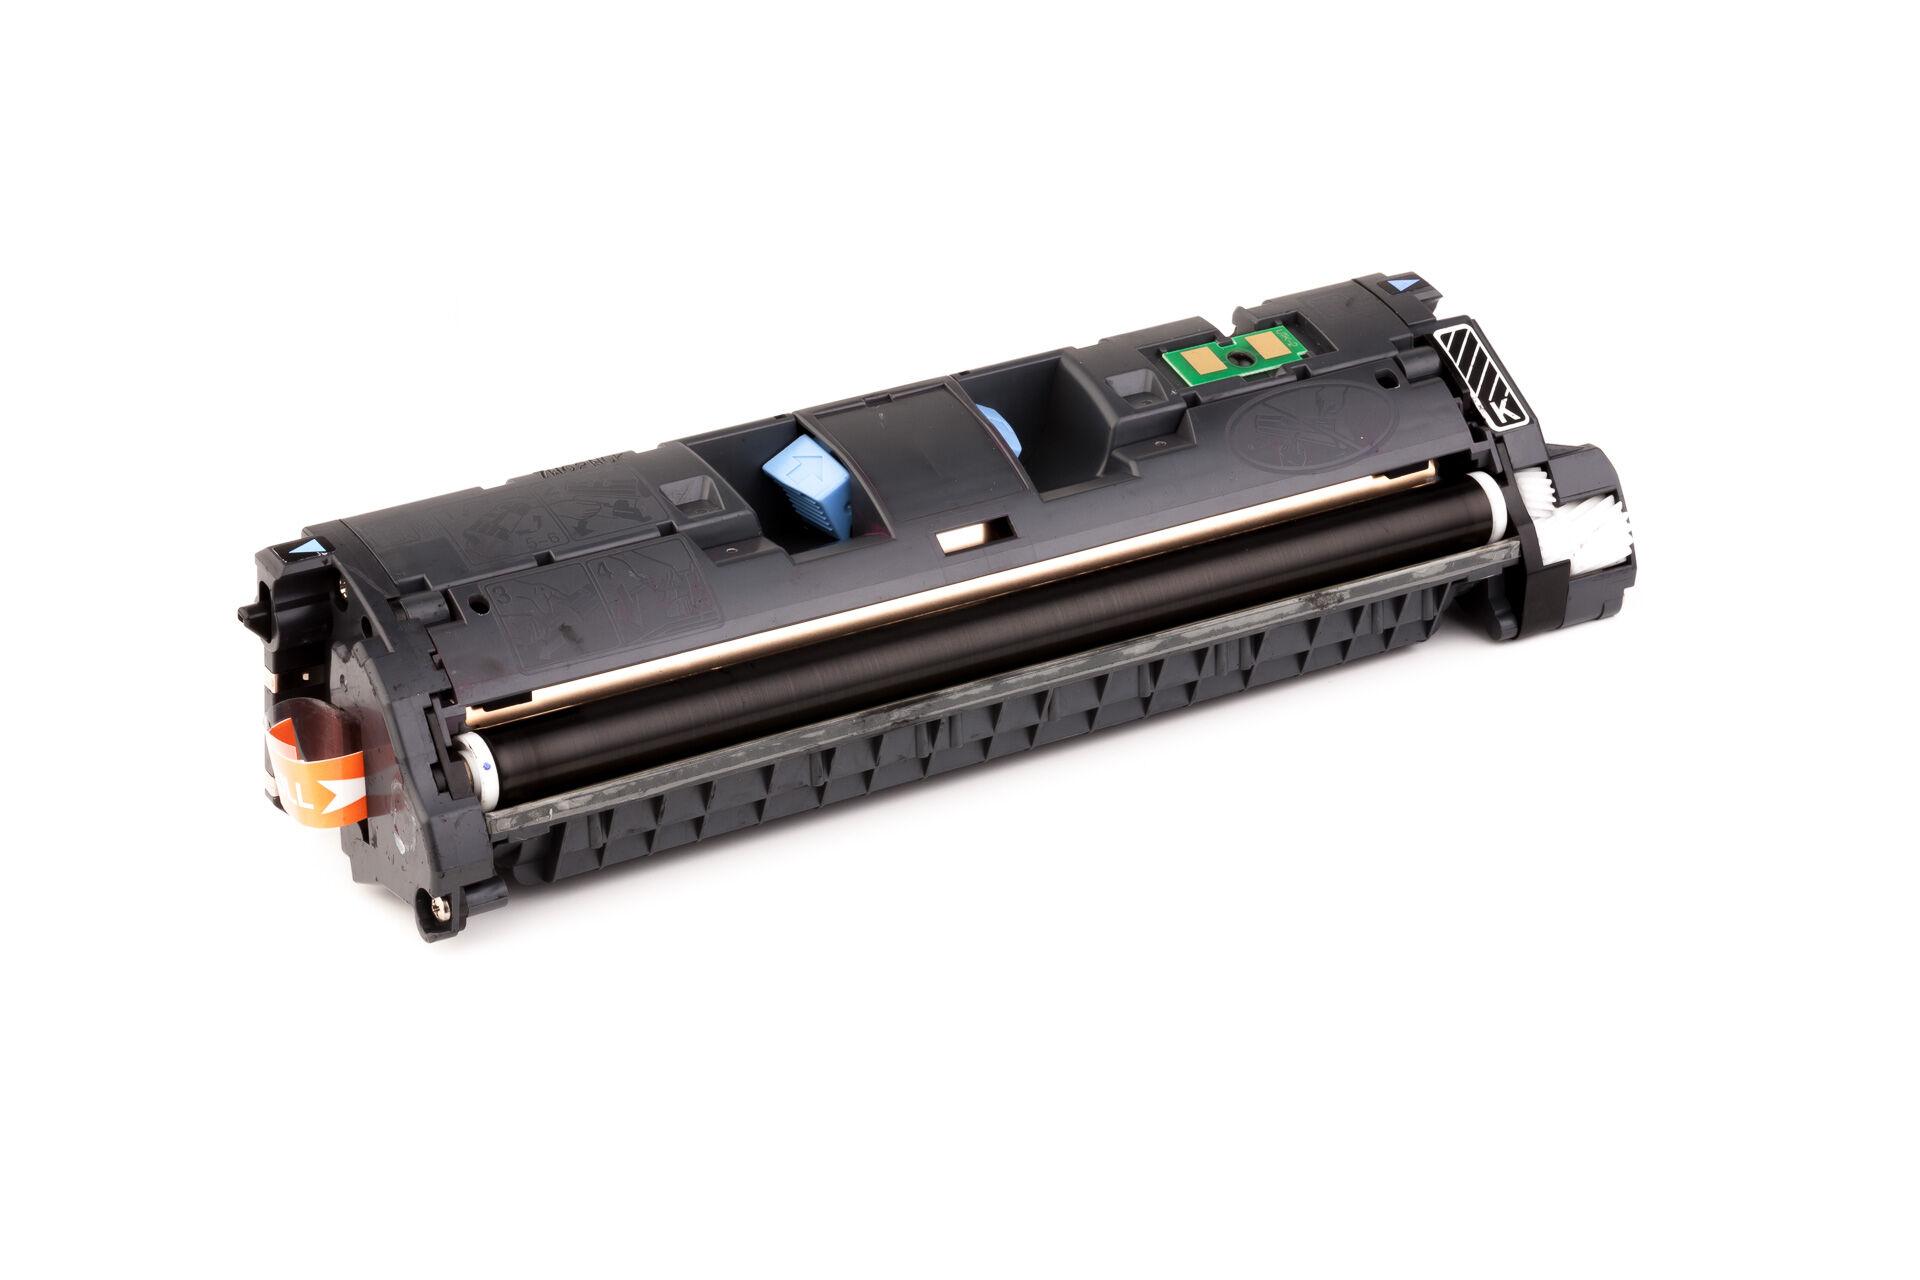 Canon Cartouche de Toner pour Canon 7433A003 / EP-87 BK noir compatible (de marque ASC)